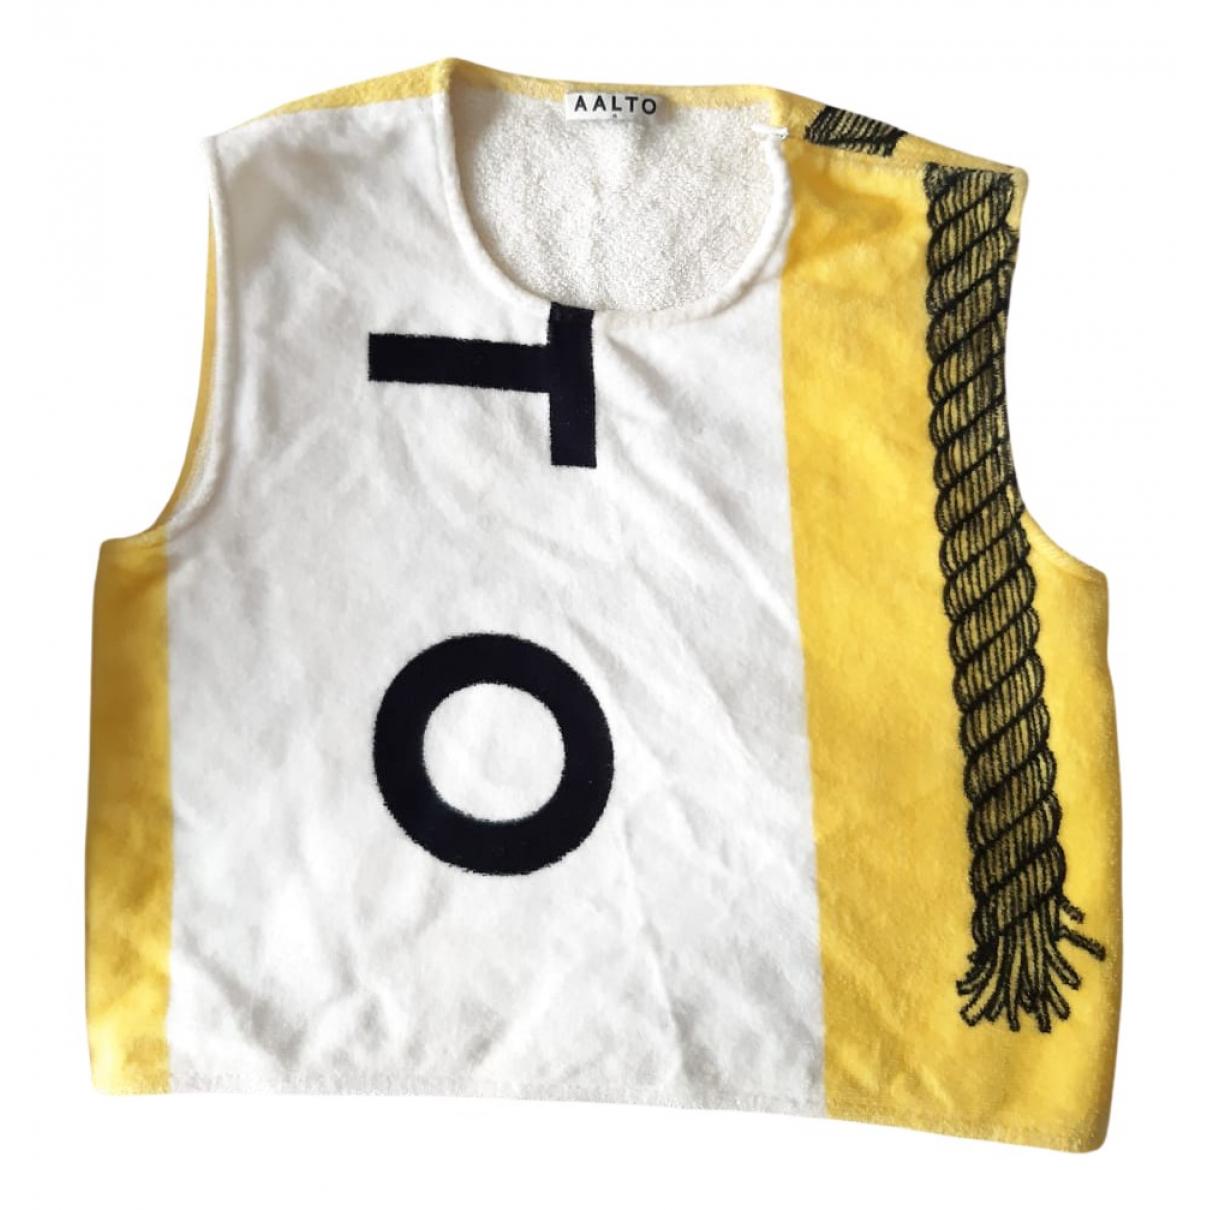 Camiseta Aalto